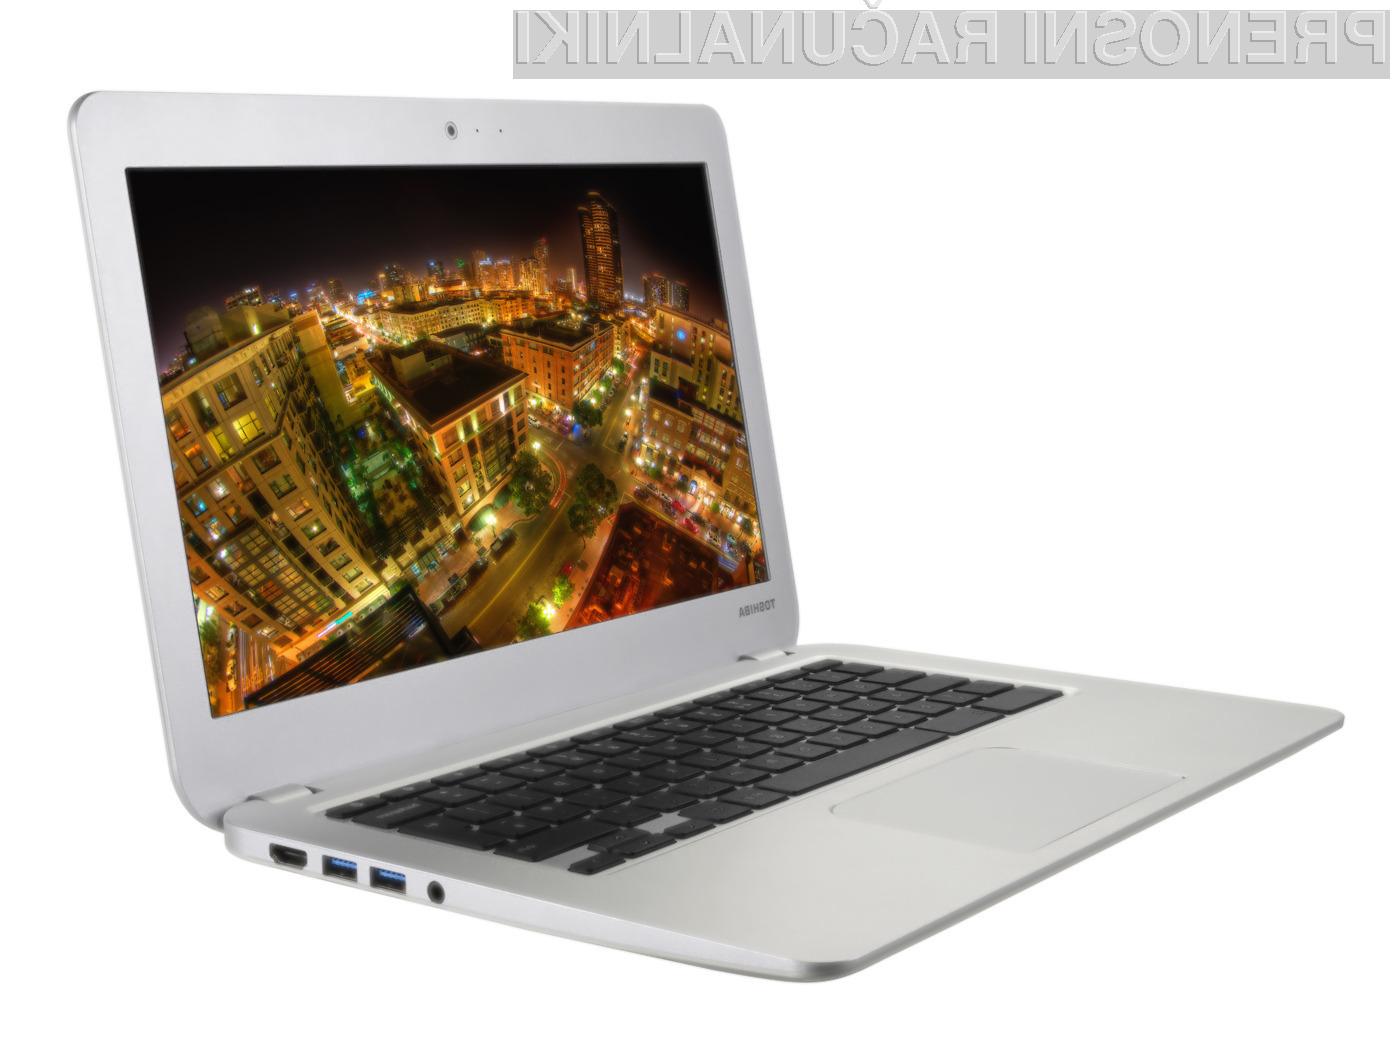 Prenosvljeni prenosi računalnik Toshiba Chromebook s procesorjem Intel Bay Trail bo zlahka opravil tudi z najtežjimi nalogami.